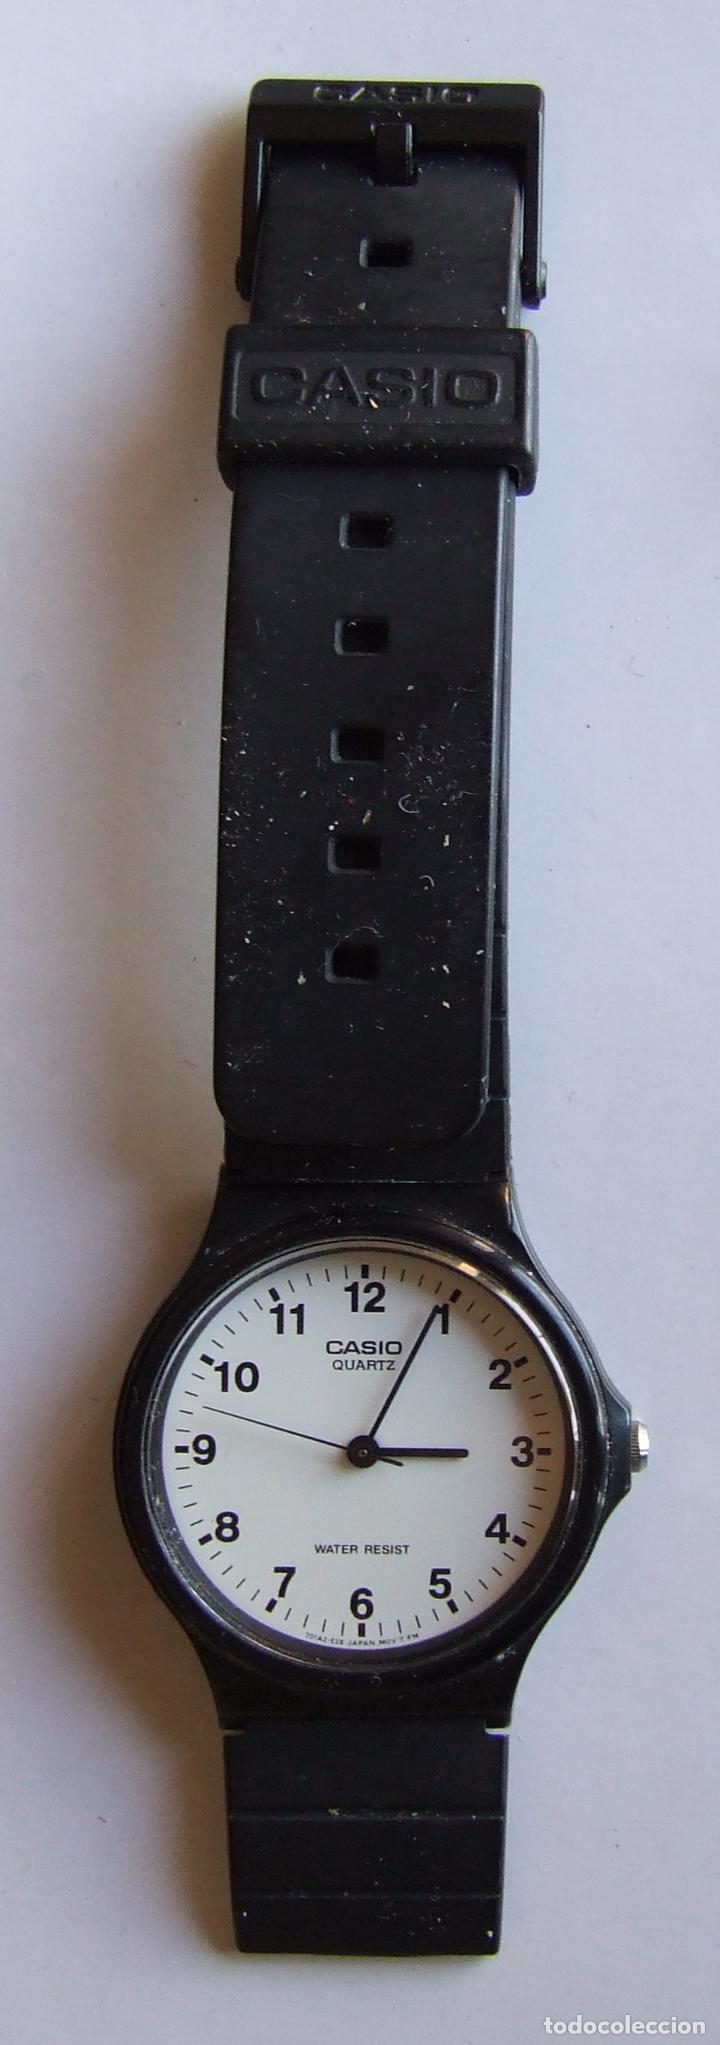 c01204d39 ... reloj casio quartz correa rota water resistant 1330 mq 24 relojes  relojes actuales ...